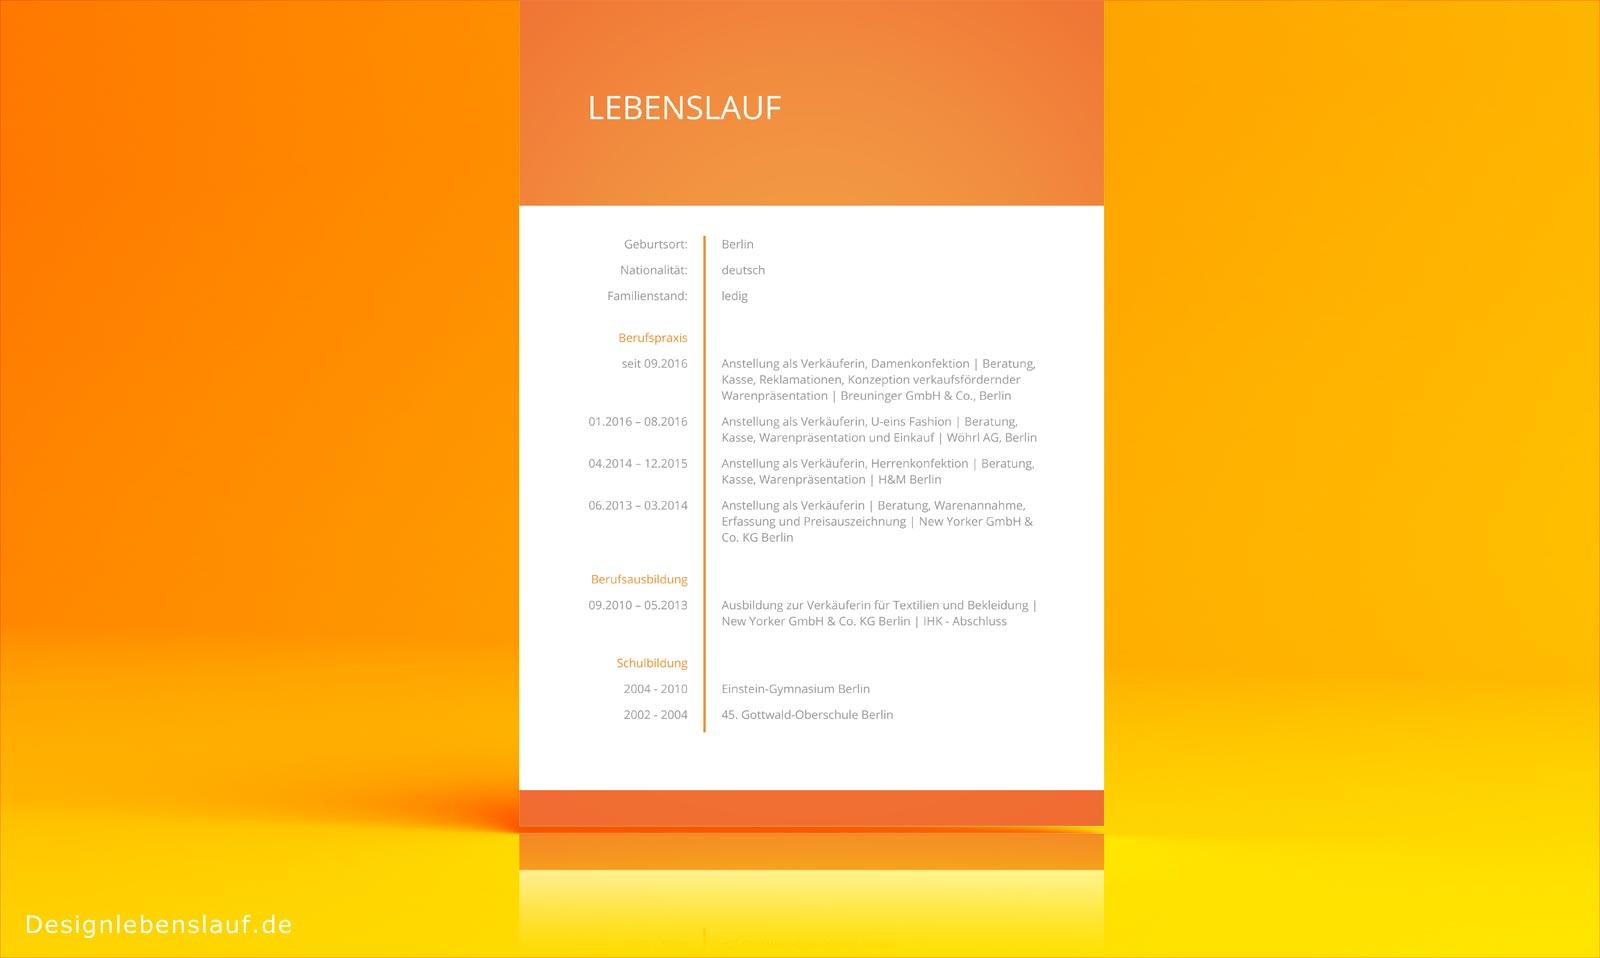 bewerbungsschreiben ziemlich mode design lebenslauf tipps galerie entry level resume - Lebenslauf Gestalten